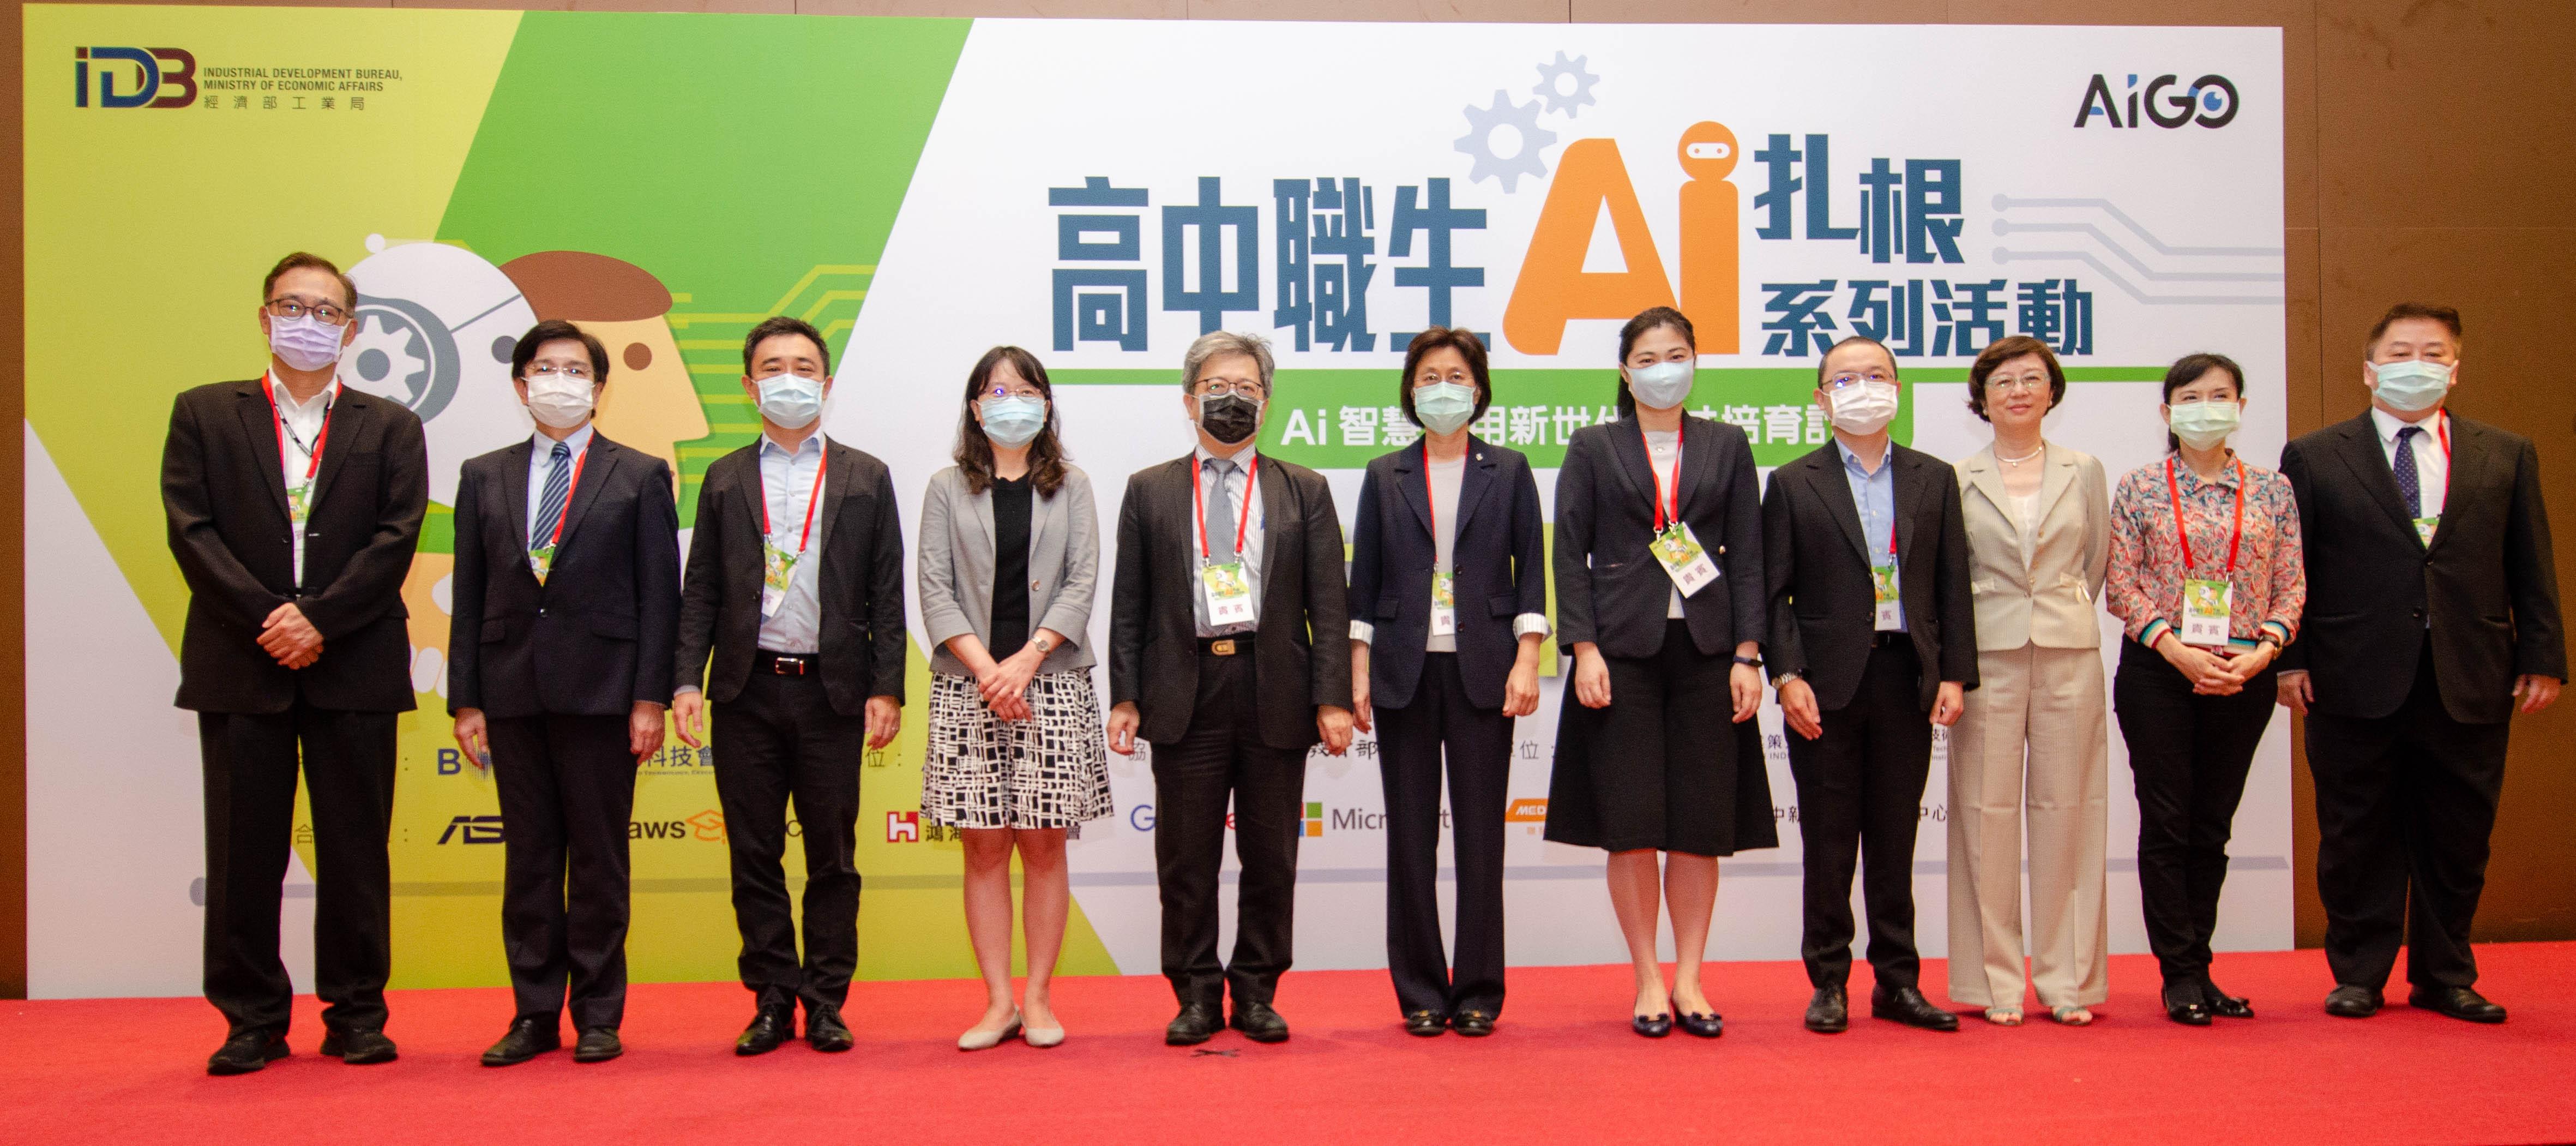 高中職生AI扎根系列活動-超前部署培育台灣AI未來新星